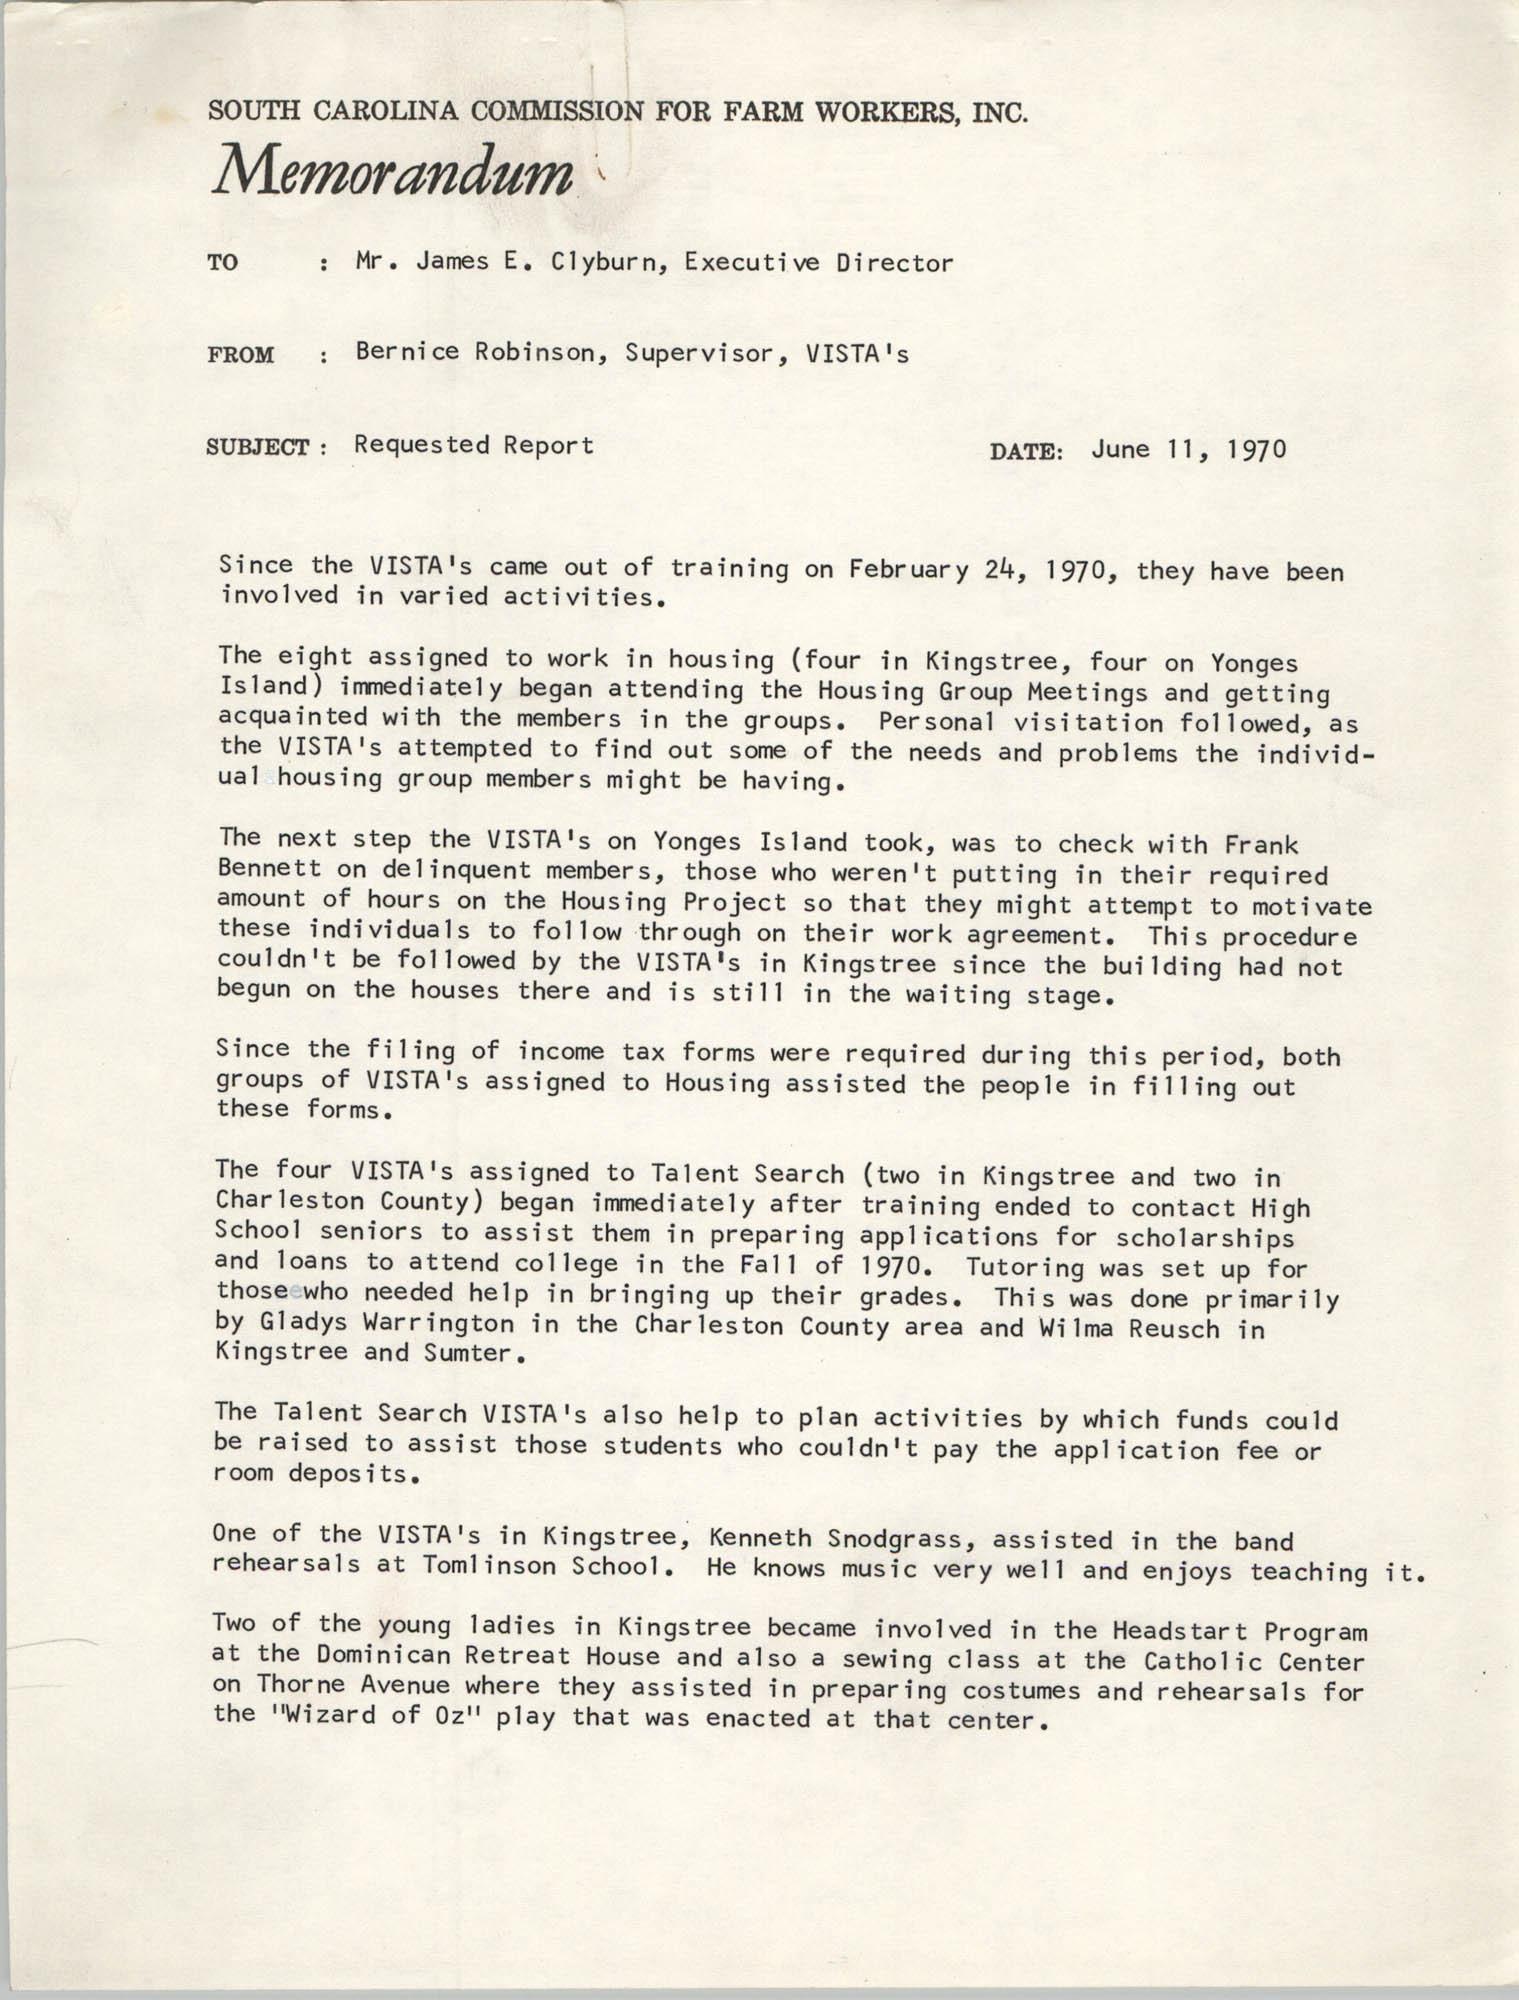 Memorandum from Bernice V. Robinson to James E. Clyburn, June 11, 1970